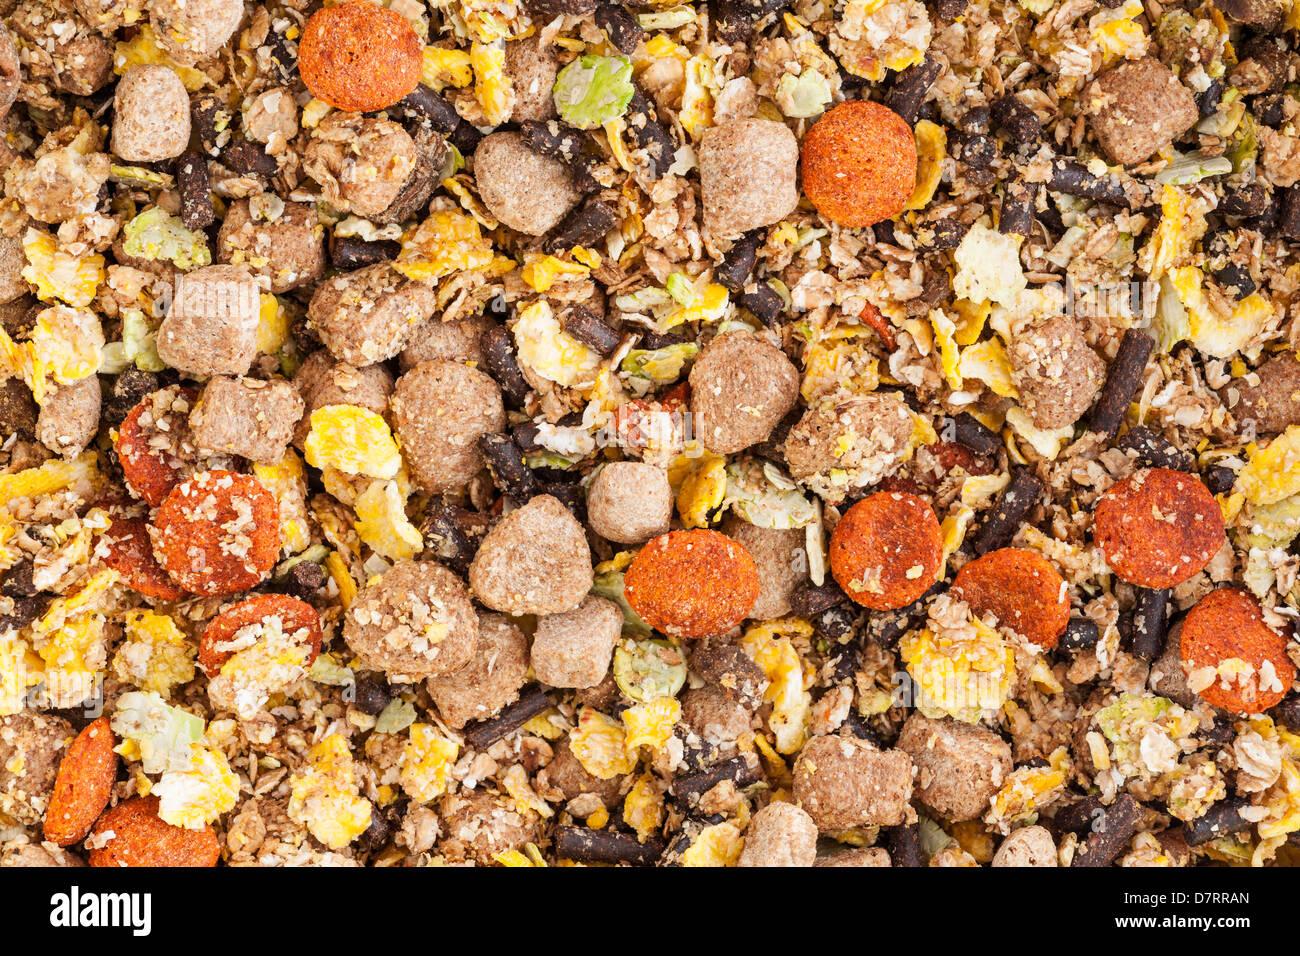 Mezcla seca comida de perro Imagen De Stock